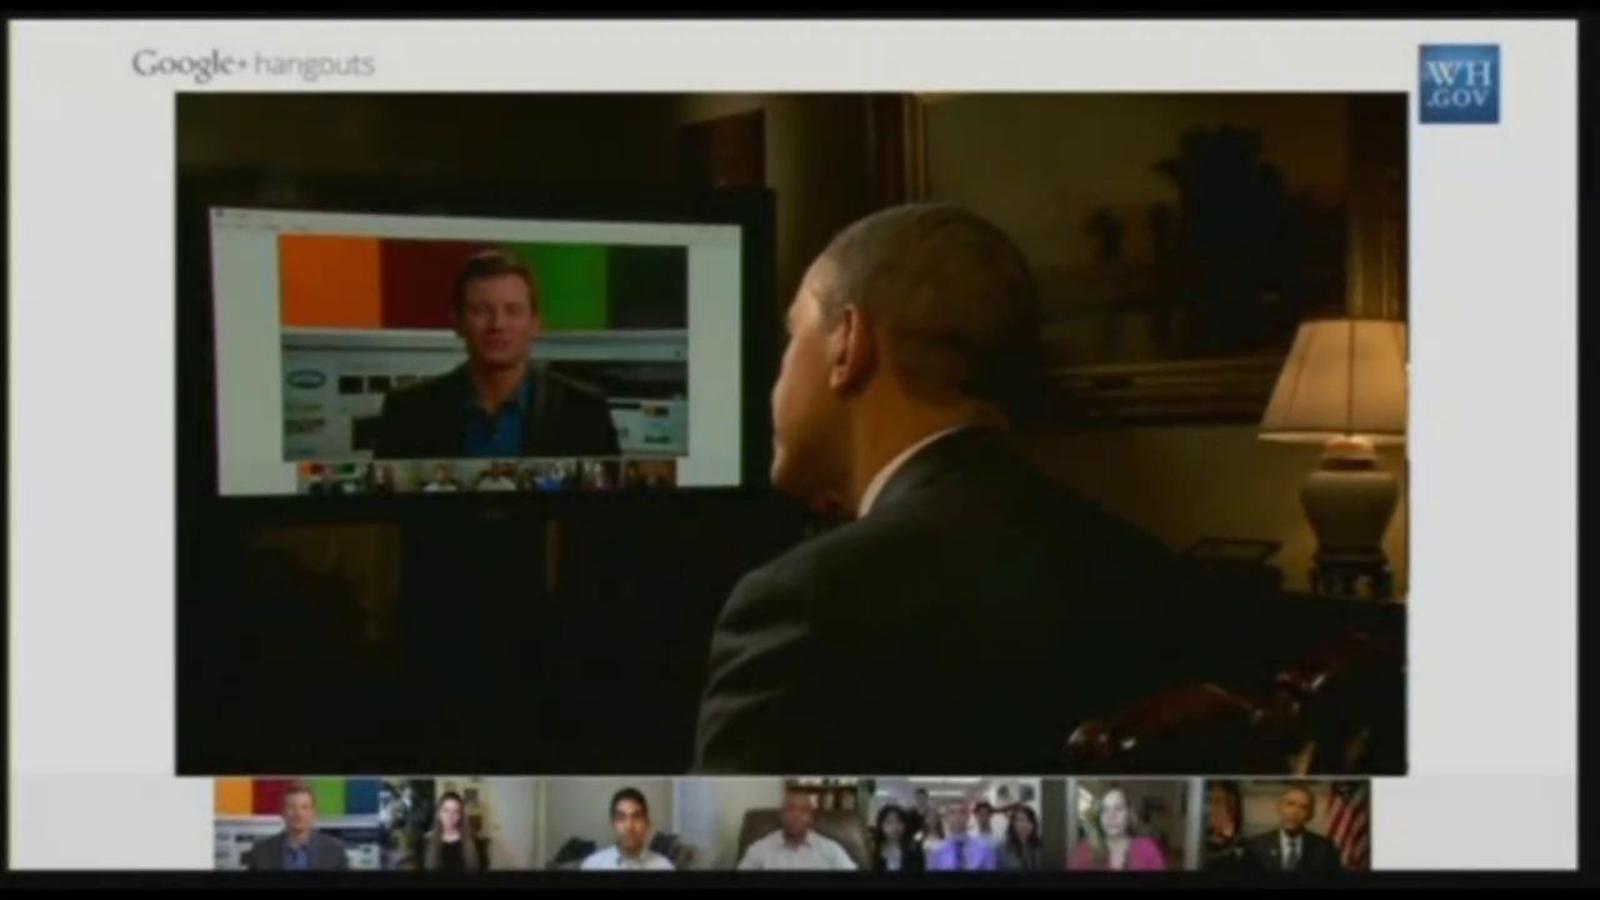 Obama reconeix a YouTube que avions dels EUA no tripulats bombardegen el Pakistan